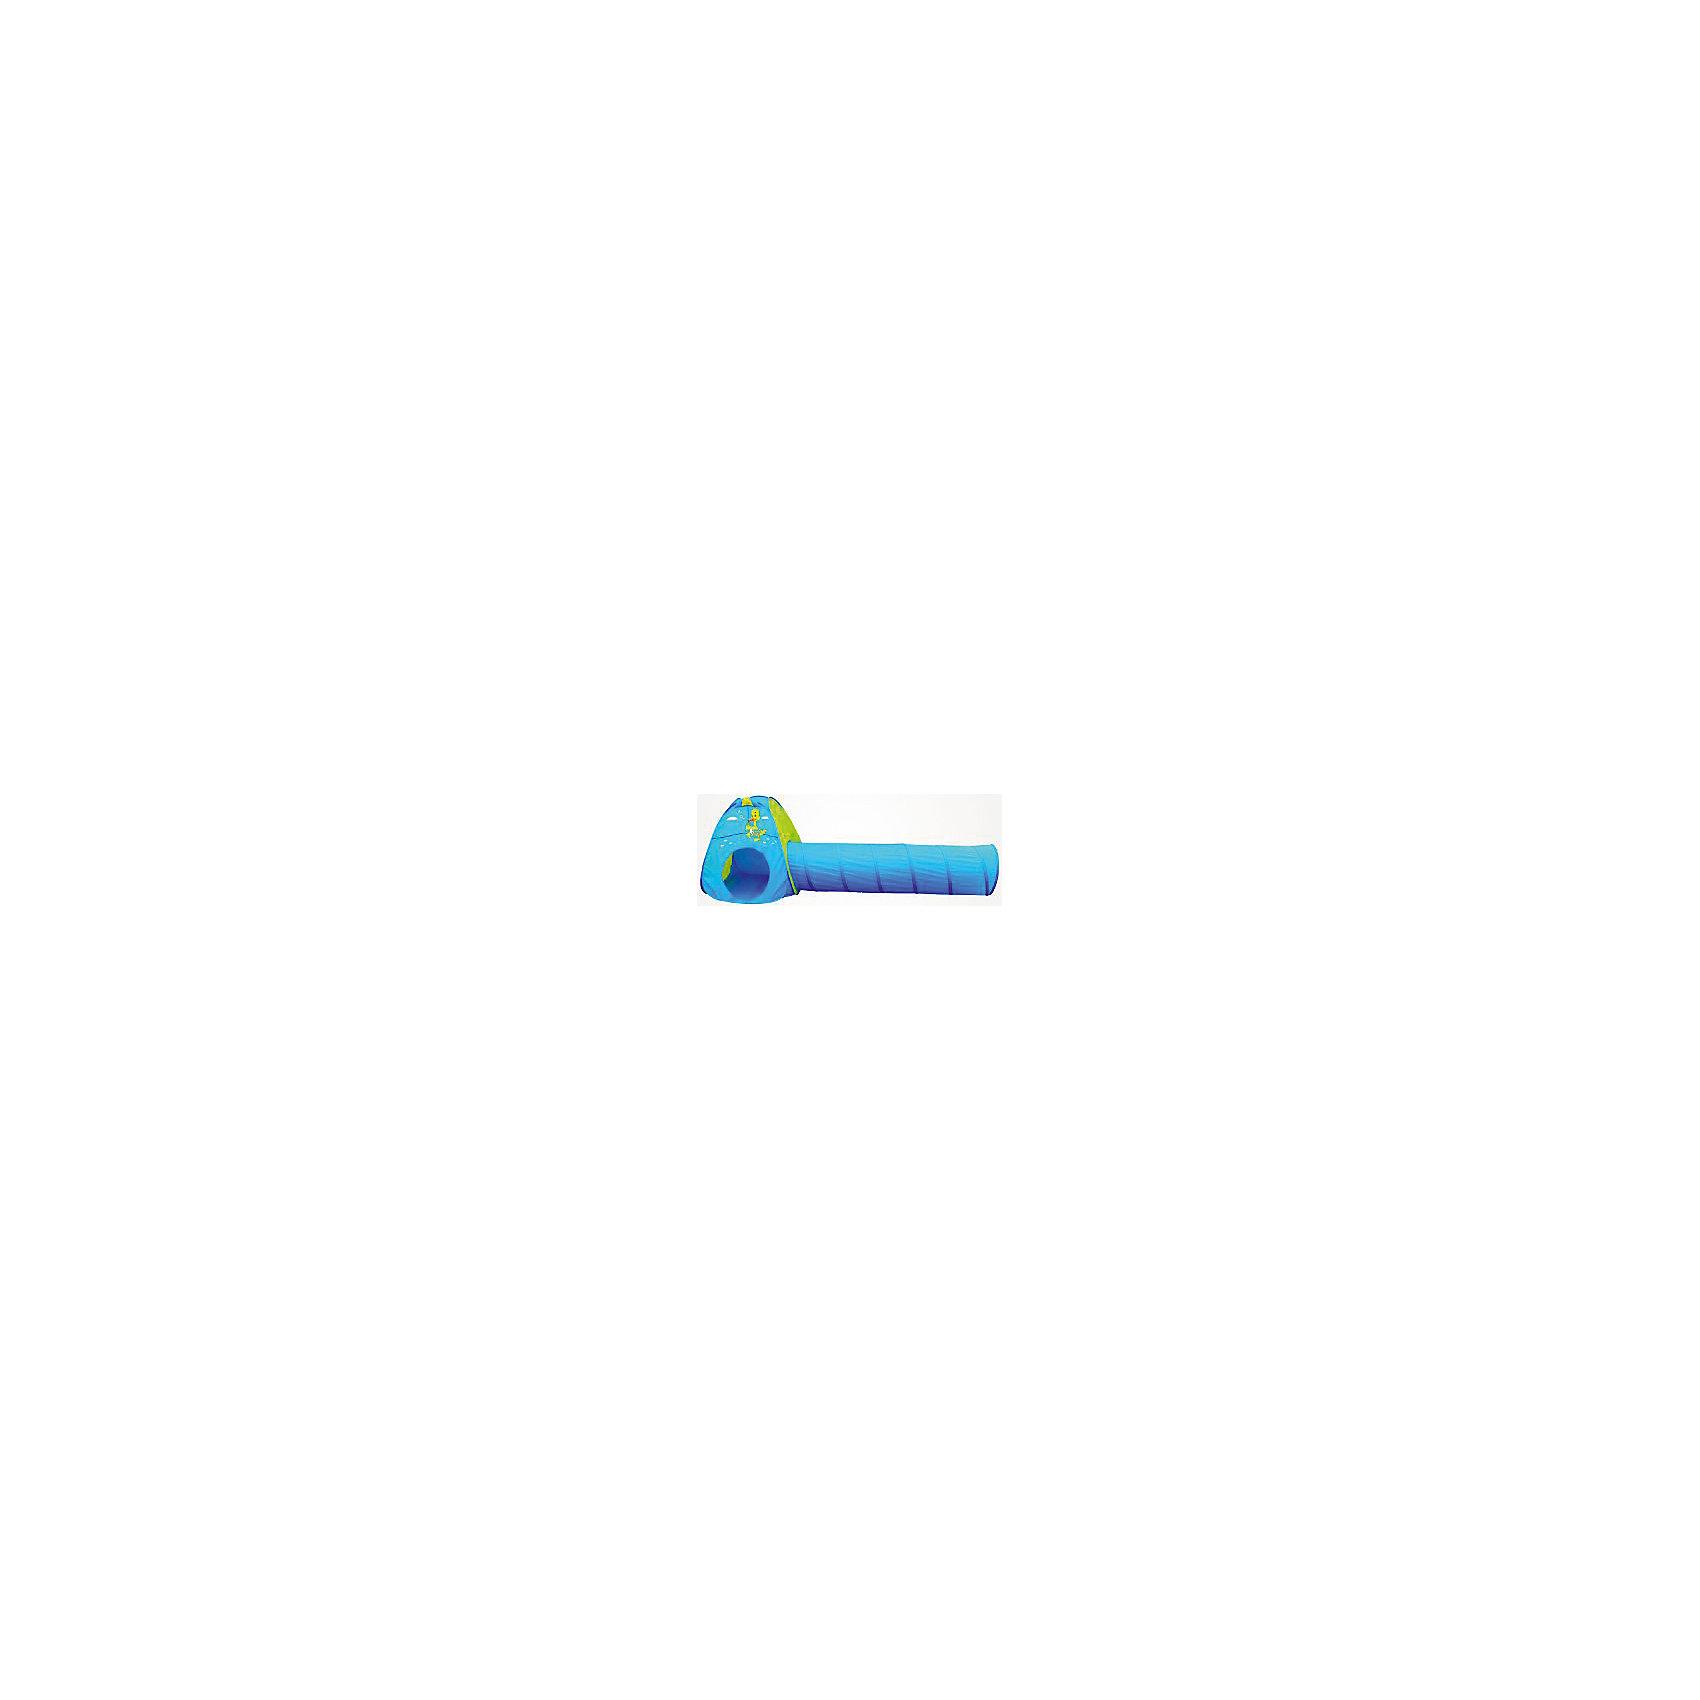 Палатка, игровая, с тоннелемОсновные характеристики:<br><br>Размер: палатка (80х80х88см)<br>тоннель (?45х185см) <br>Материал: 170 Т полиэстер, сталь<br>Цвет: синий<br>Вес: 1,22 кг<br>Страна-производитель: Китай <br>Упаковка: чехол<br><br>Ширина мм: 0<br>Глубина мм: 0<br>Высота мм: 0<br>Вес г: 0<br>Возраст от месяцев: 36<br>Возраст до месяцев: 192<br>Пол: Унисекс<br>Возраст: Детский<br>SKU: 5056656